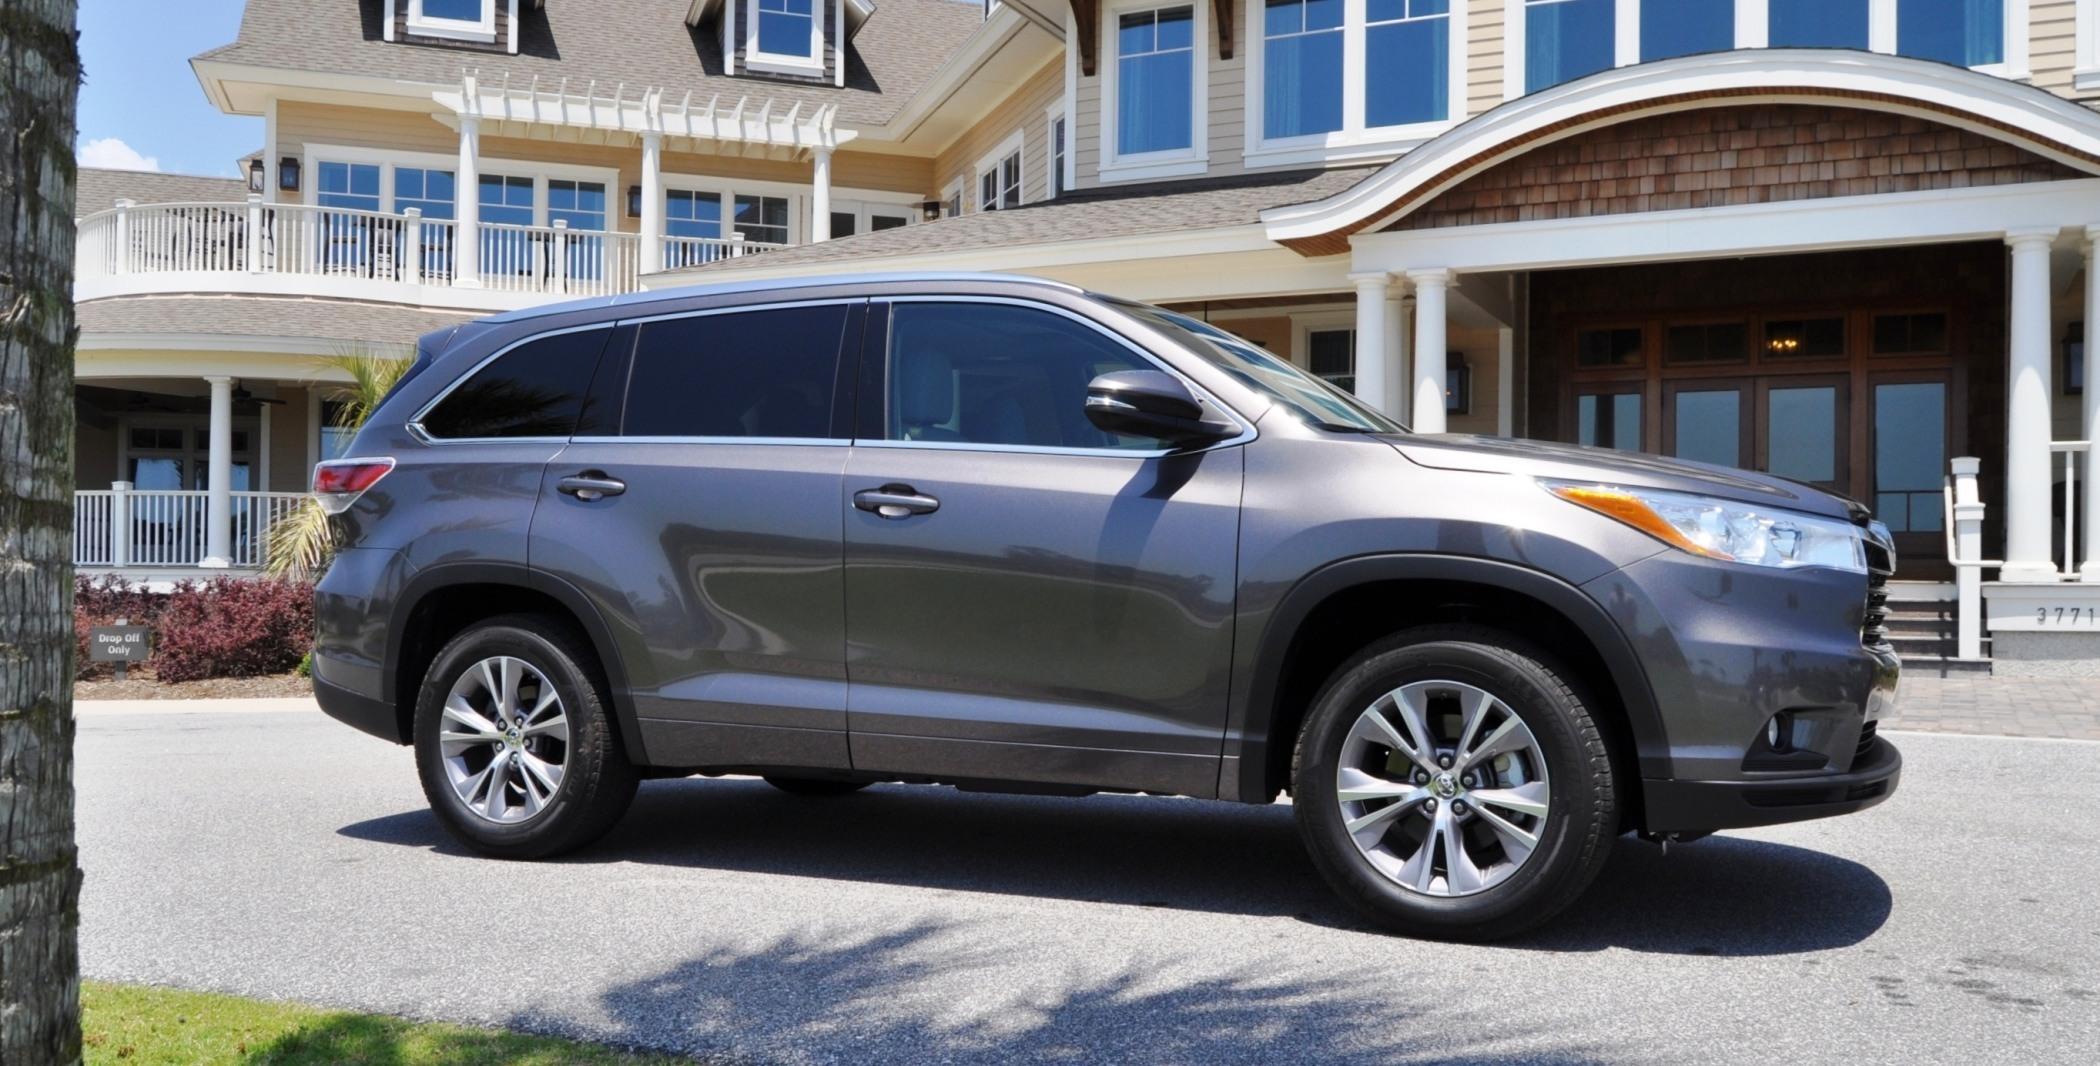 Car-Revs-Daily.com Road Test Review - 2014 Toyota Highlander XLE V6 78